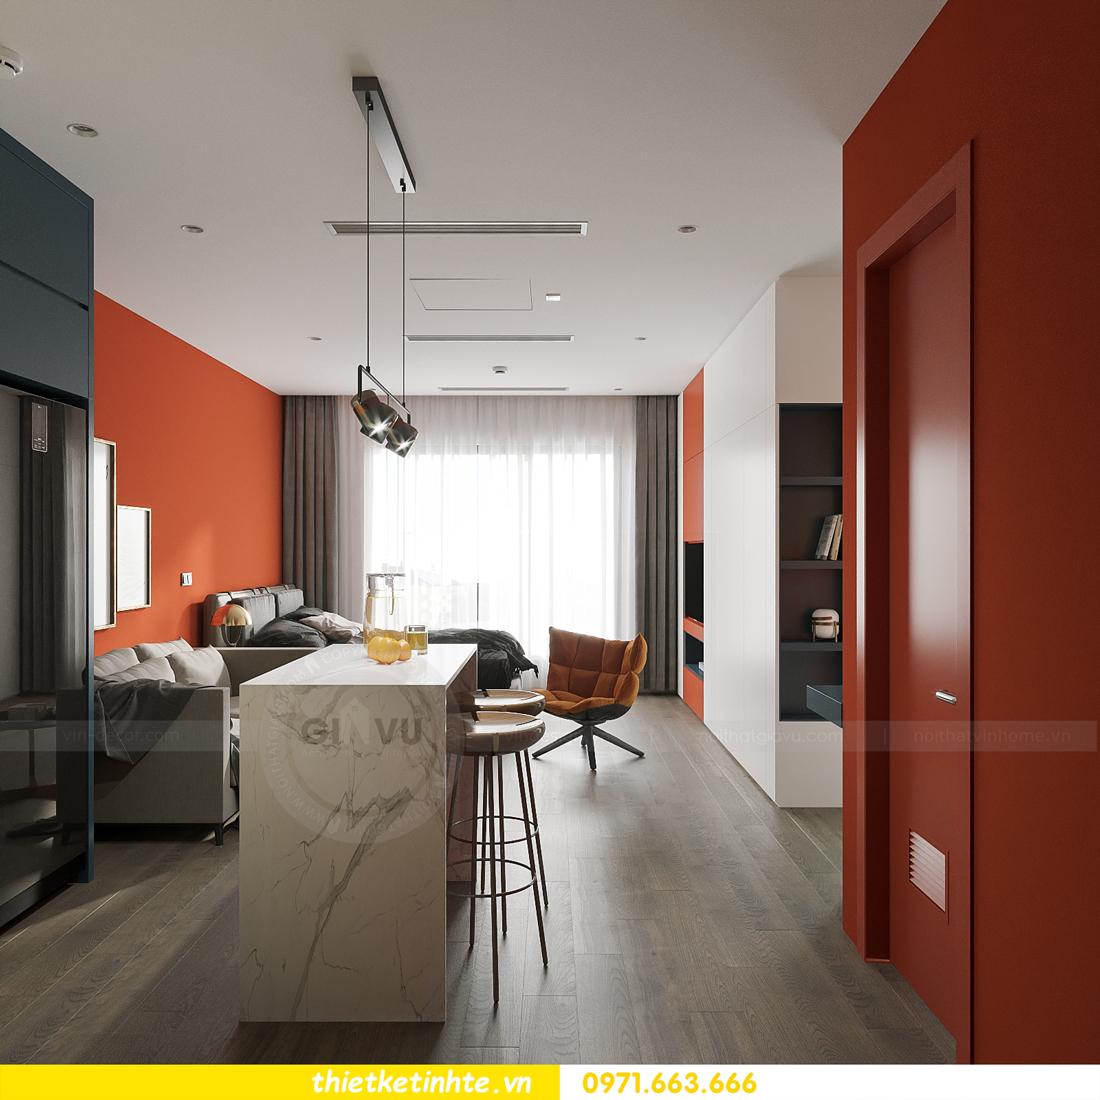 thiết kế nội thất căn hộ Studio tại Vinhomes Smart City 3